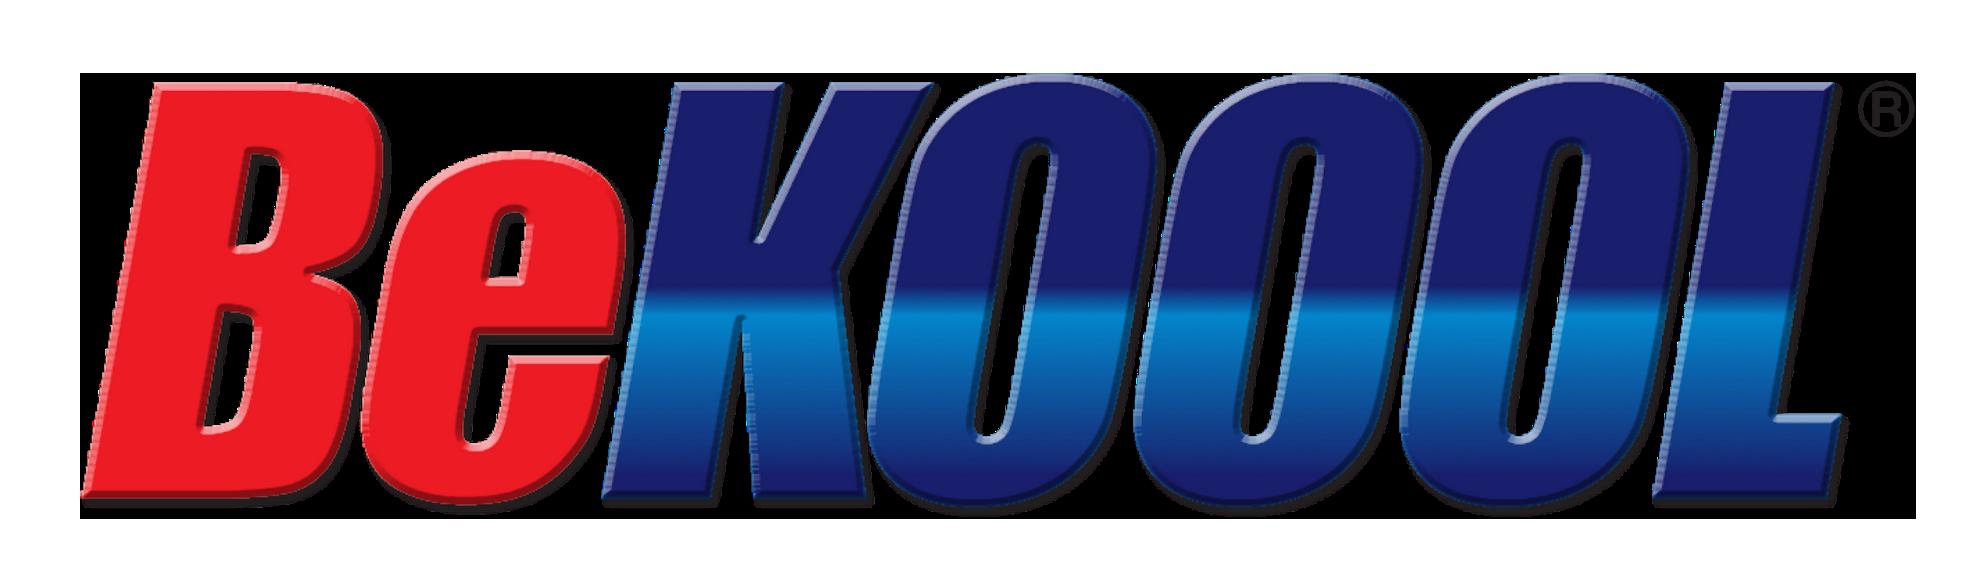 BeKoool.com